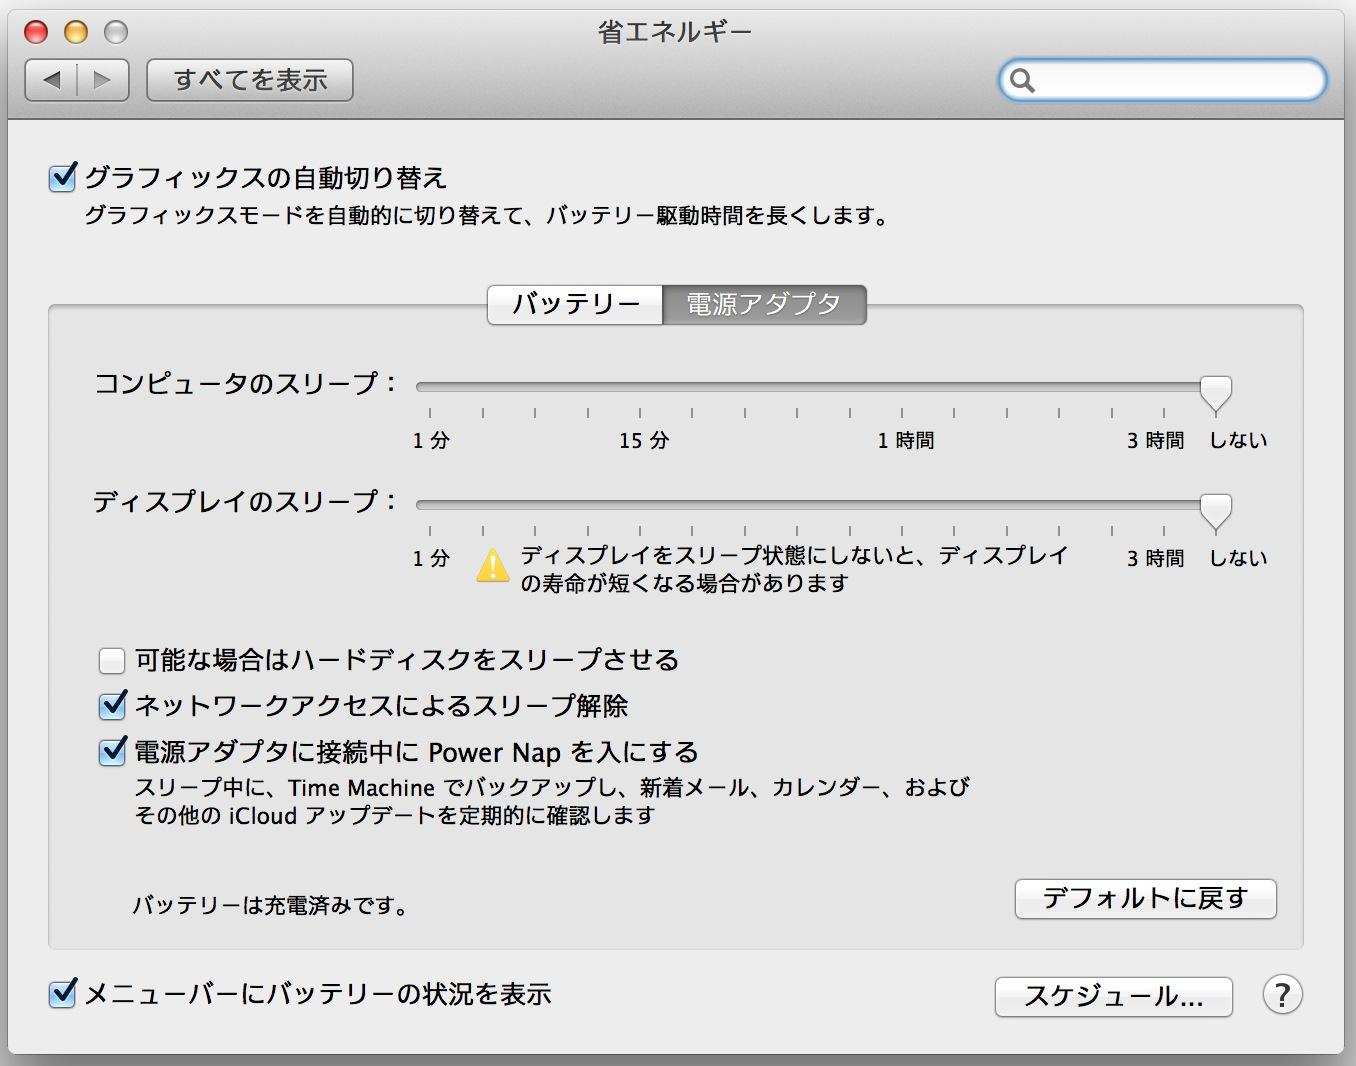 ワイのMacBook Pro(2012,mid)がスリープ復帰後にカーネルパニックなう